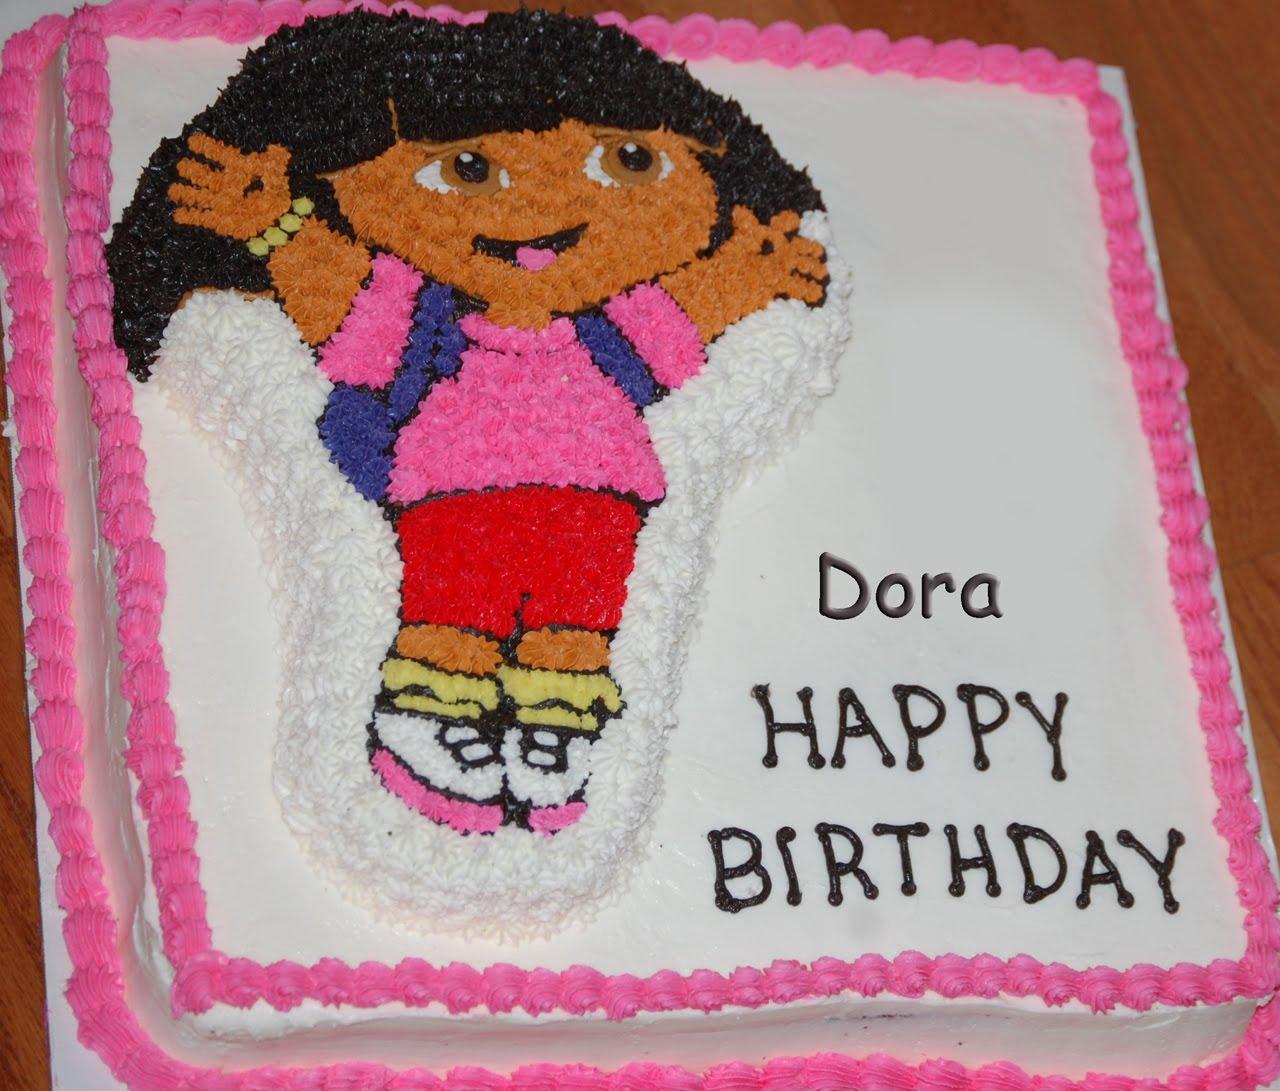 Birthday Cake Cartoon Wallpaper Cartoon Wallpaper